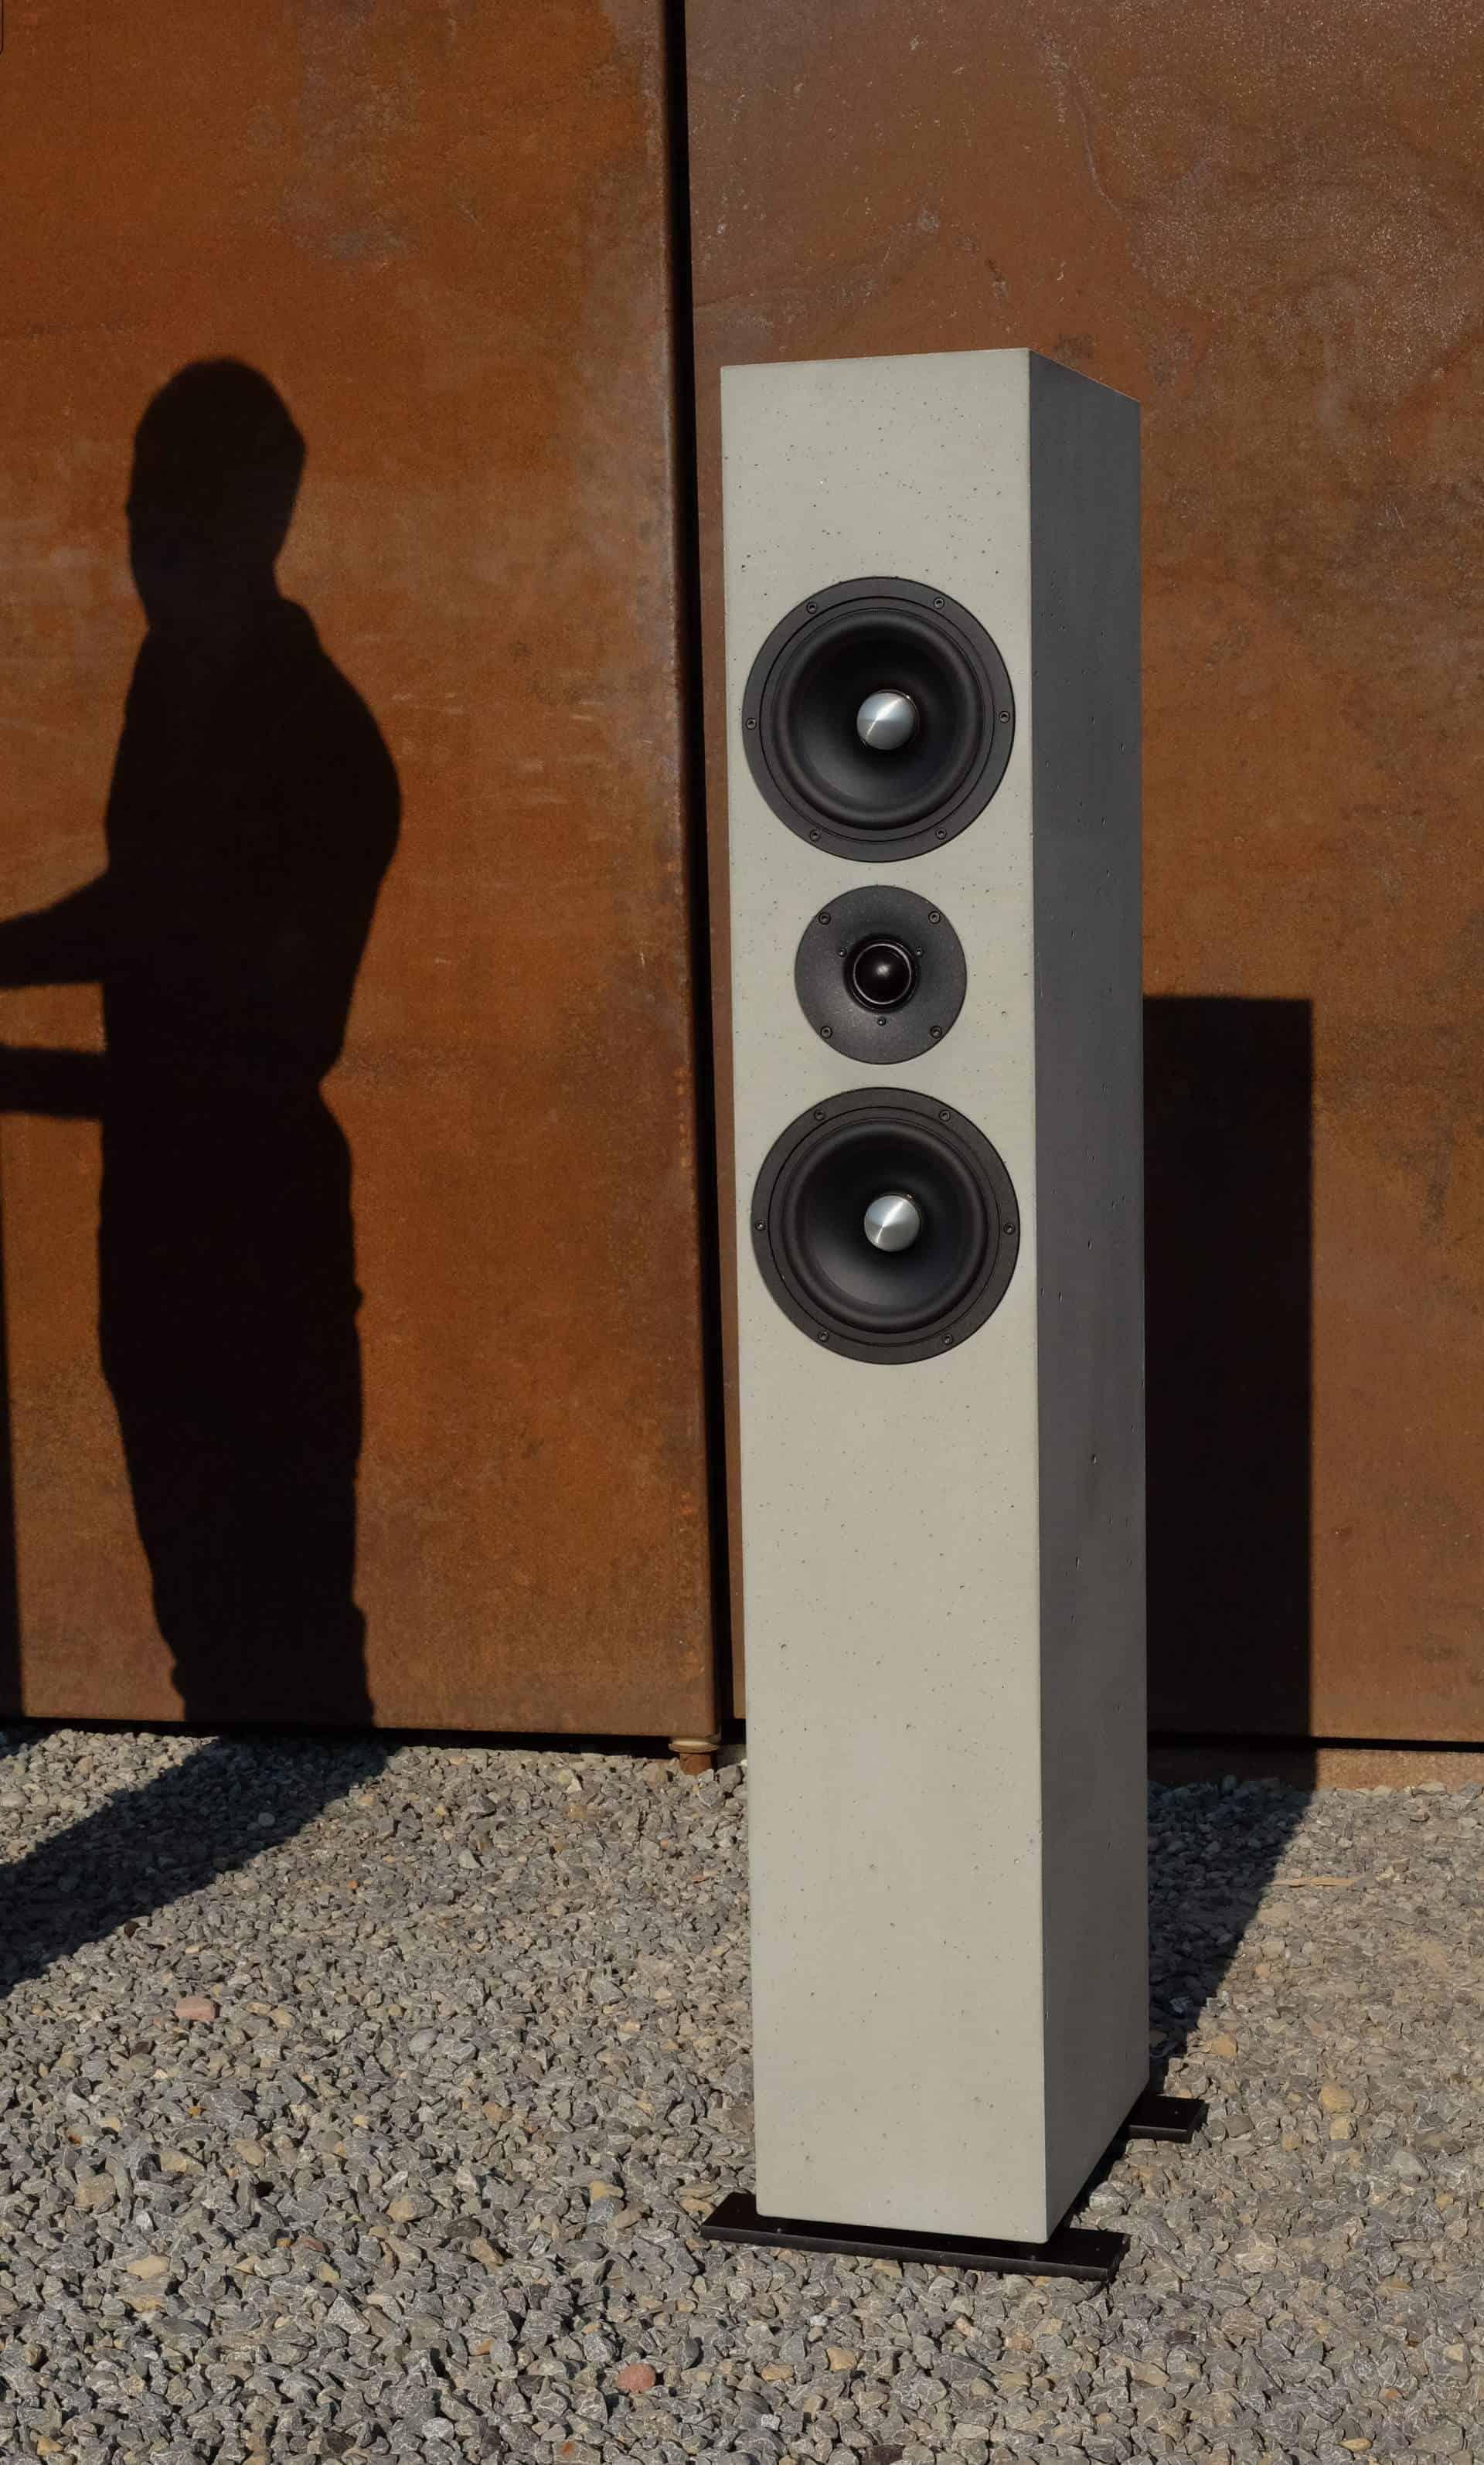 Lautsprecher aus Beton Produkte / Produktportfolio 4